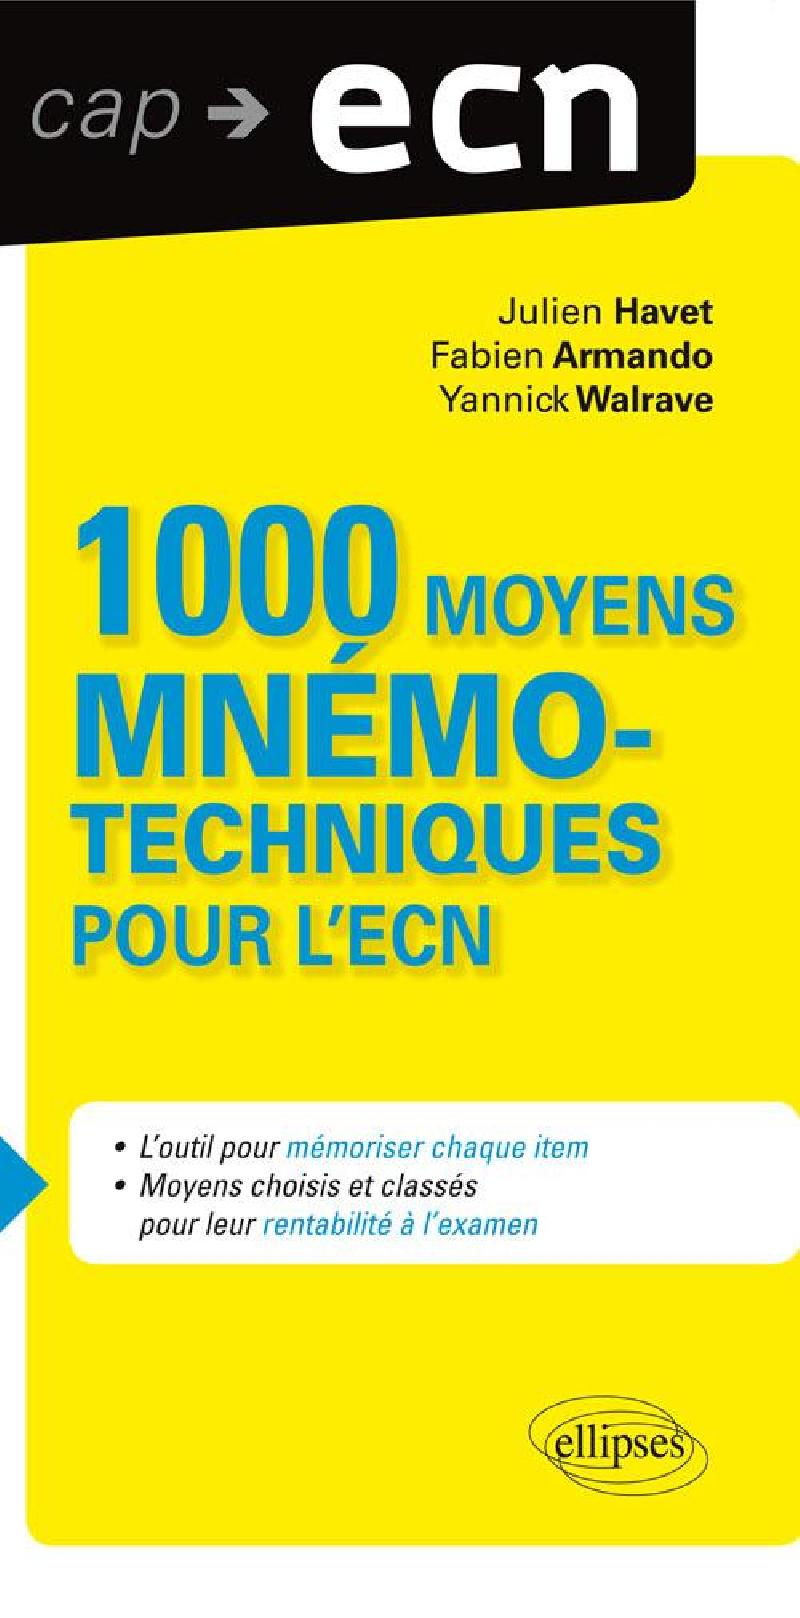 1000 moyens mnémotechniques pour l'ECN